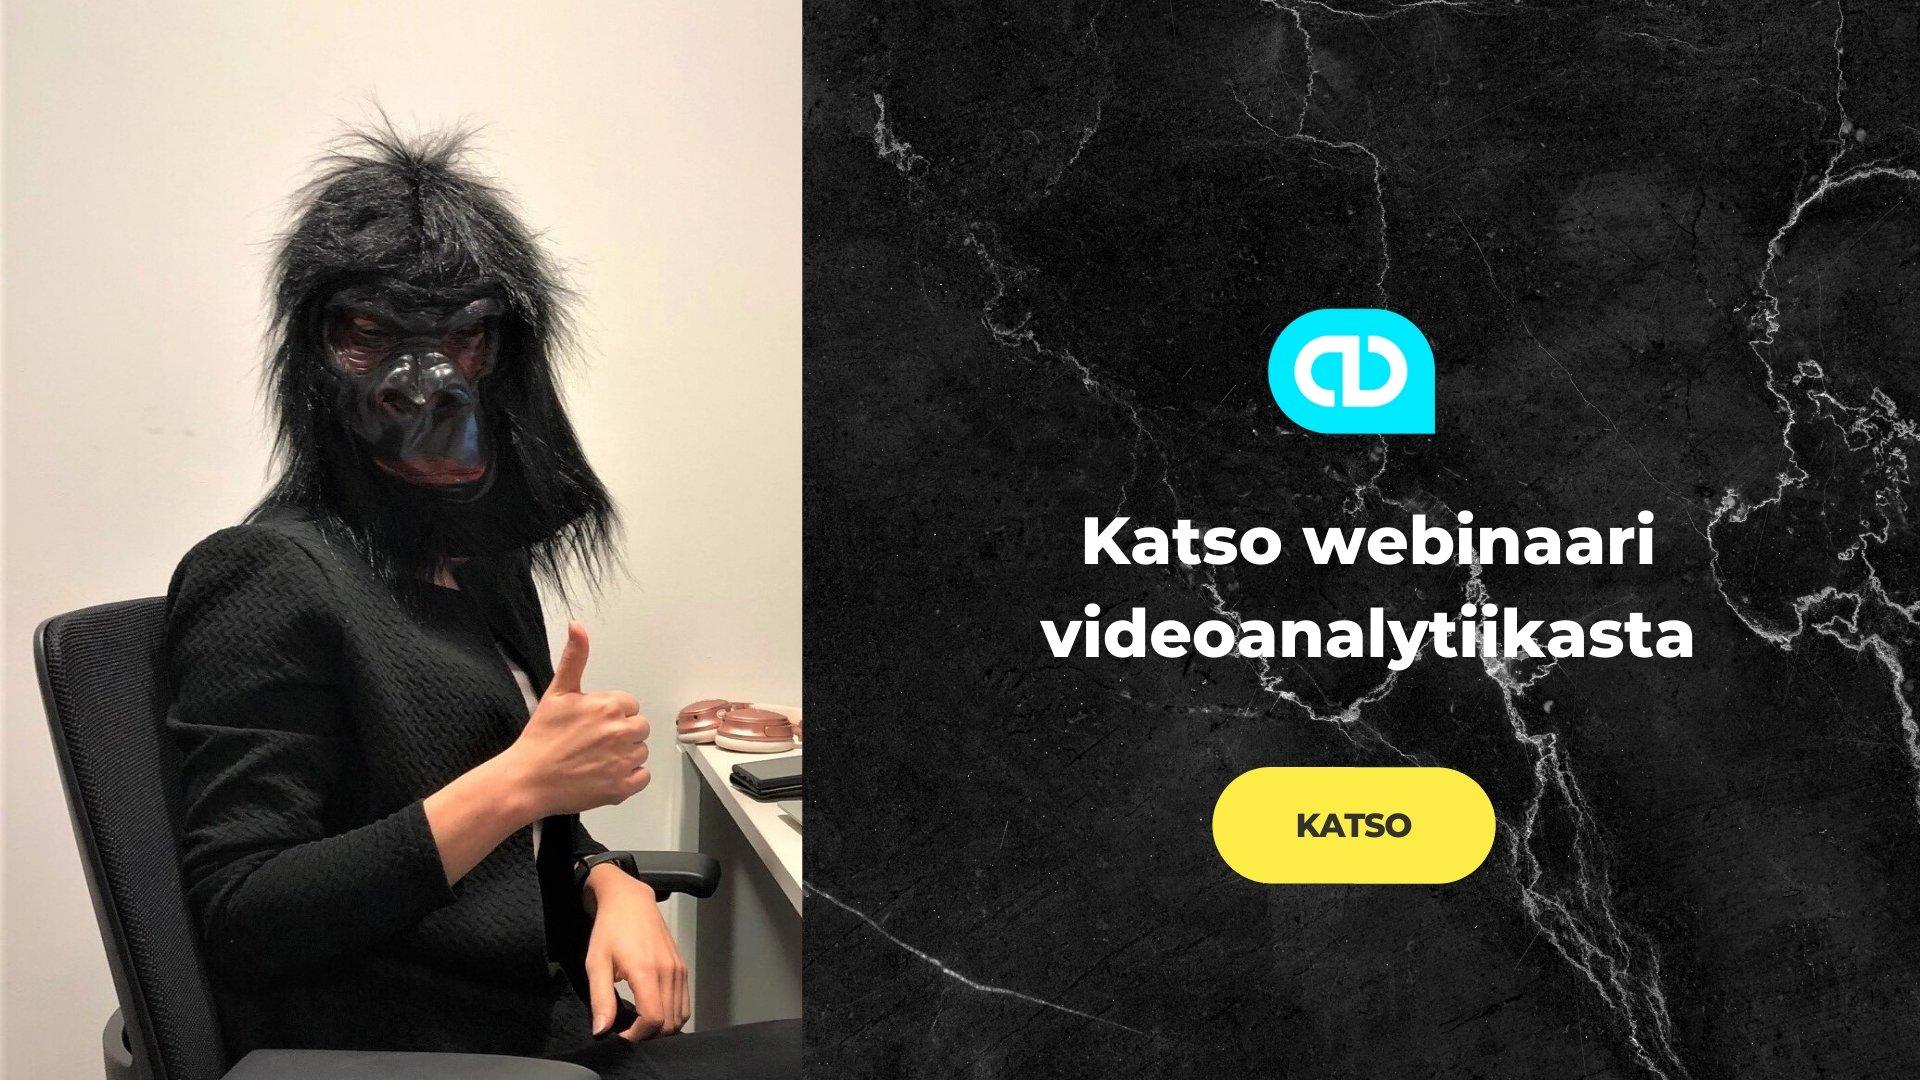 Katso webinaarimme videoanalytiikasta